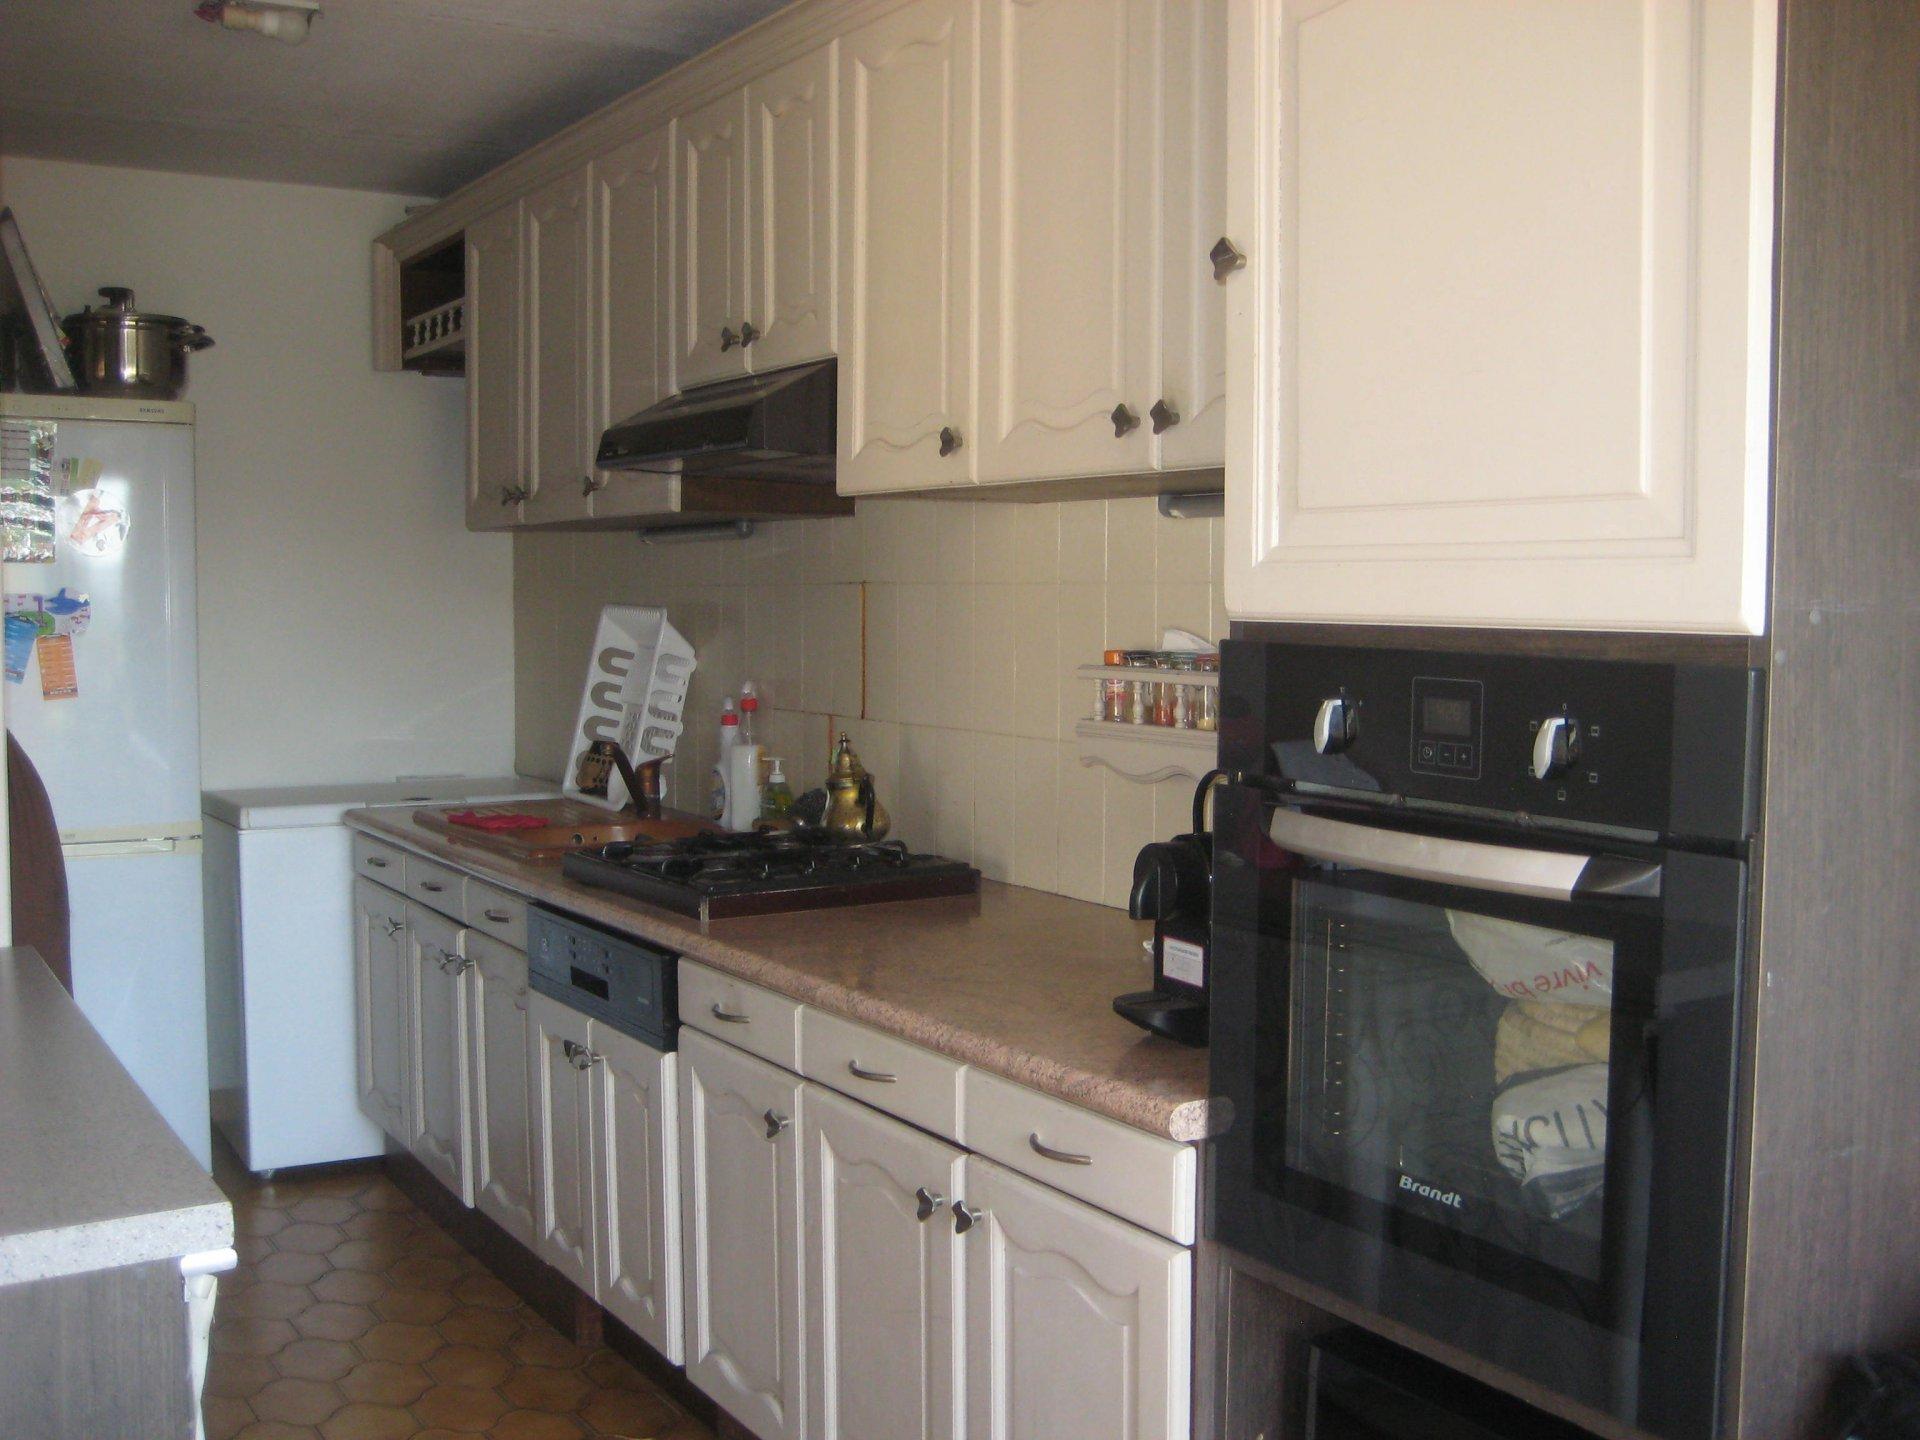 ALPES-MARITIMES (06) - NICE EST - VENTE Appartement 3 pièces + Terrasse